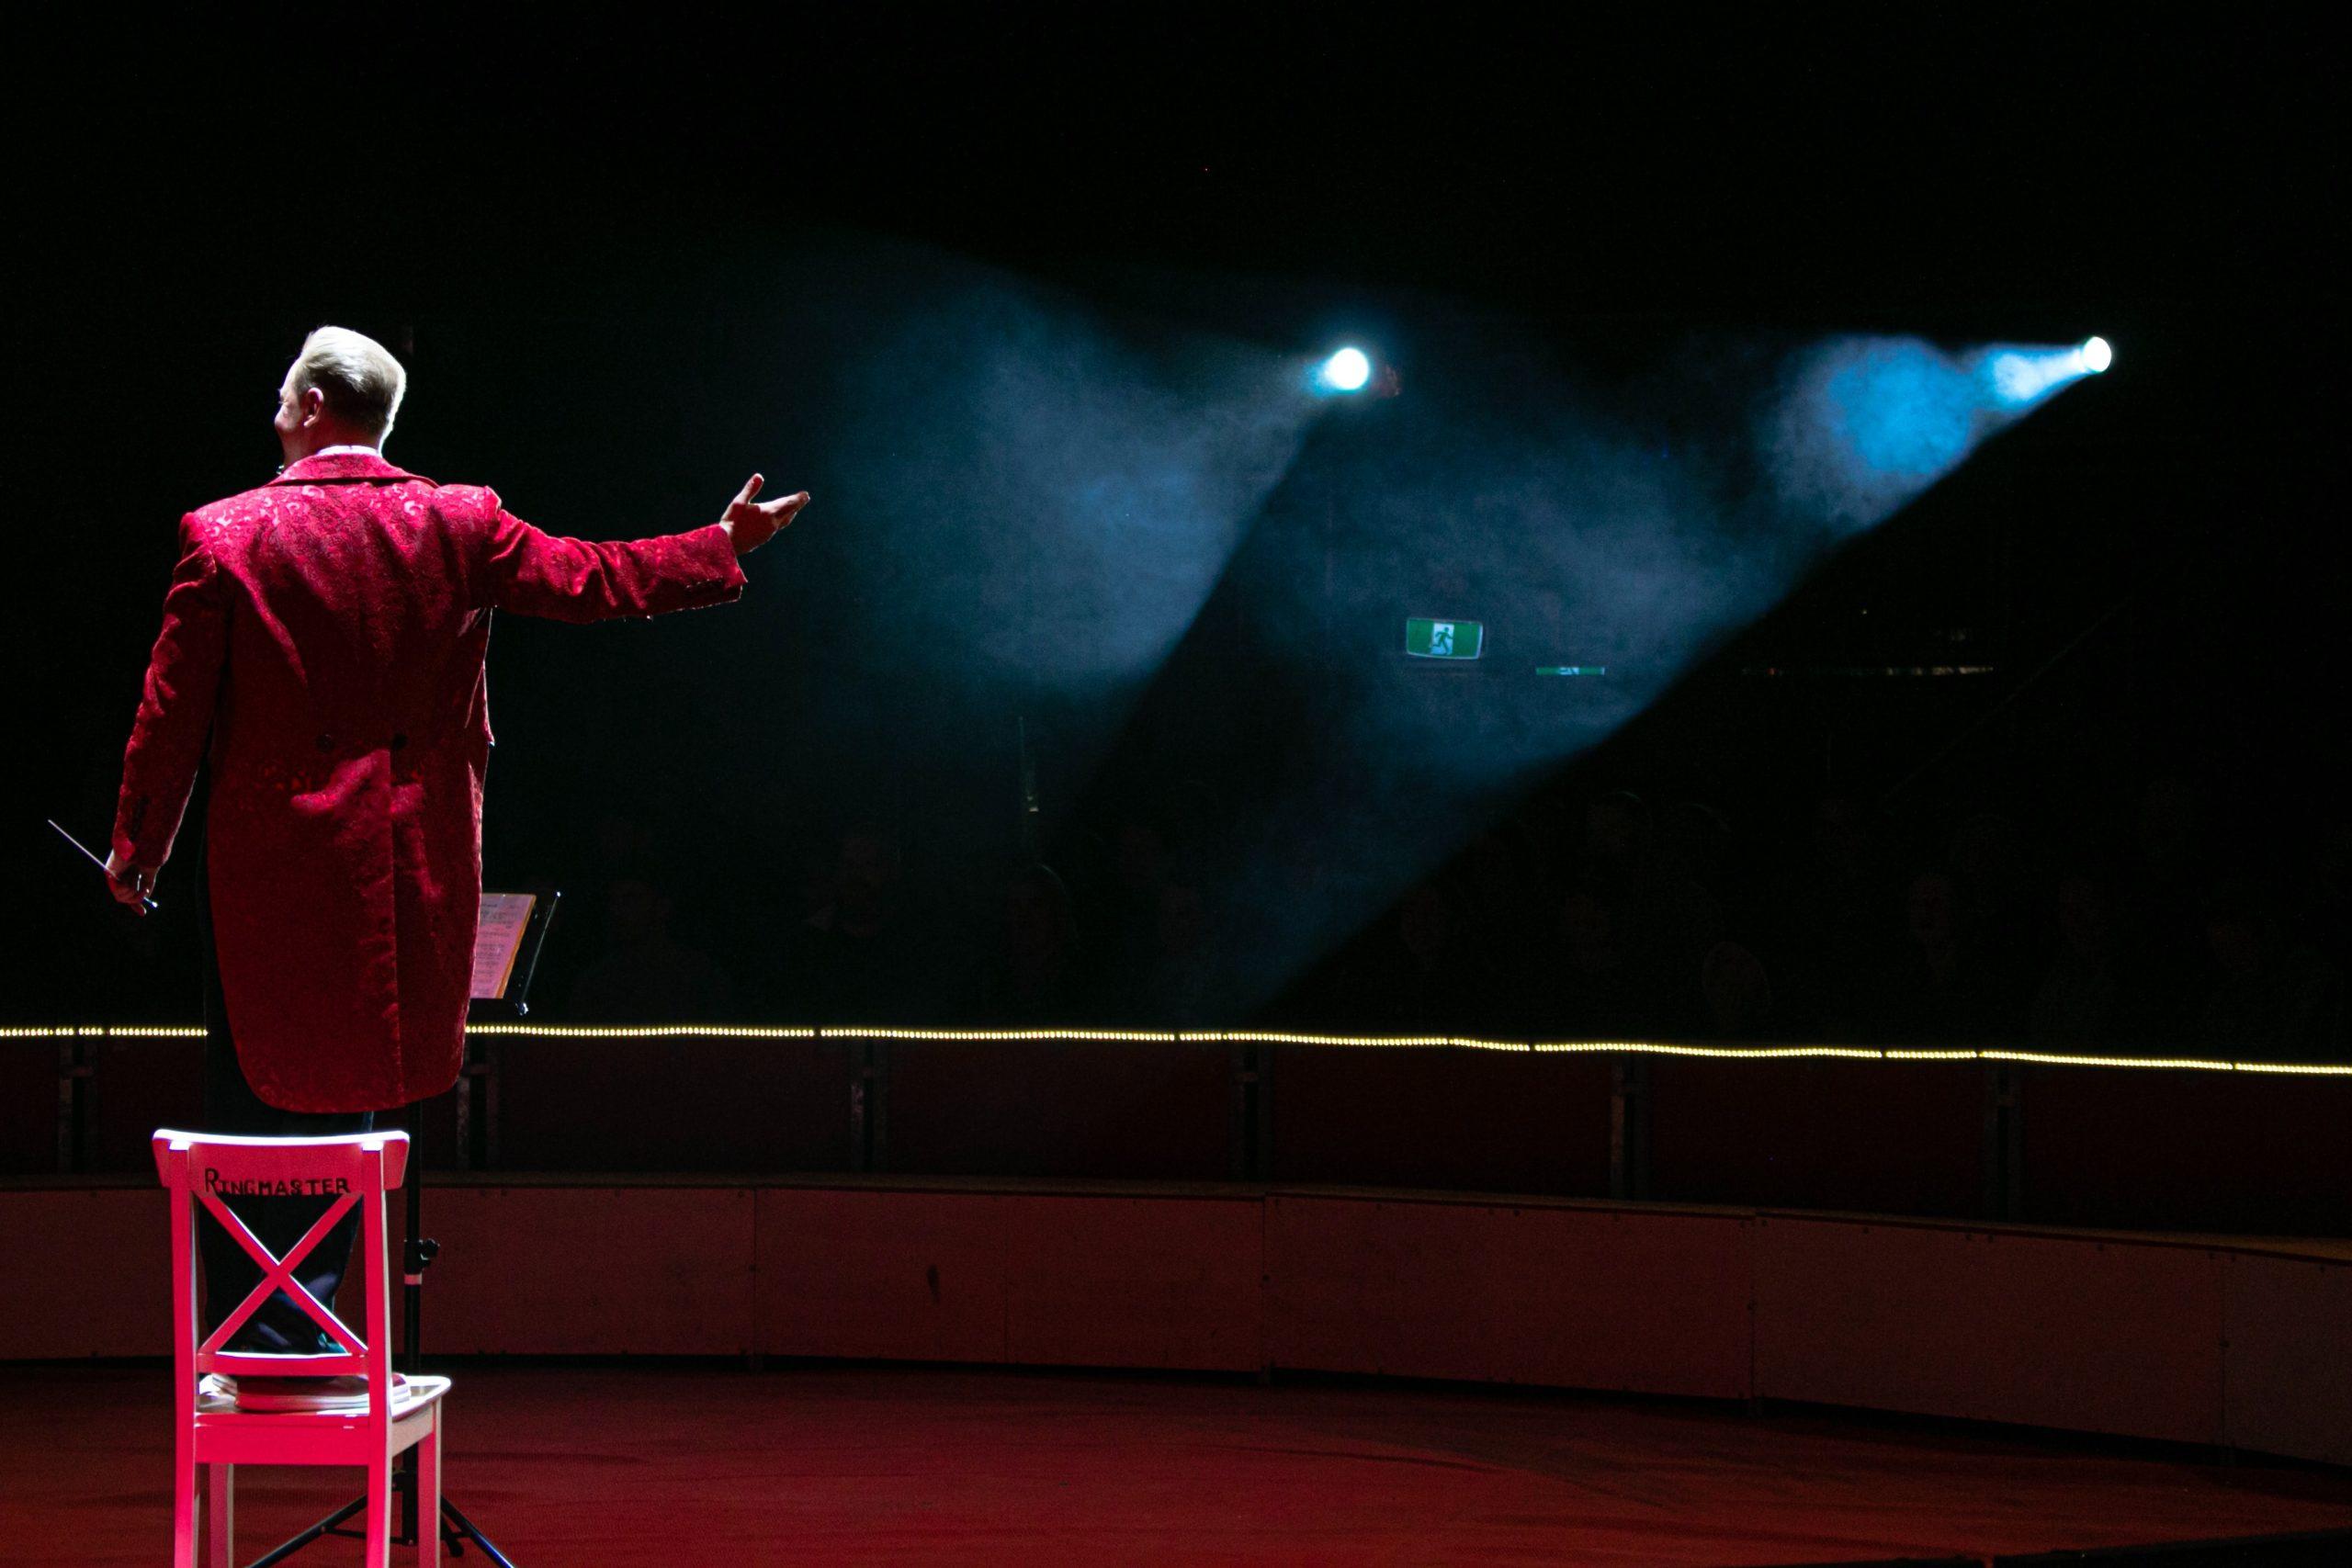 Homme sur scène